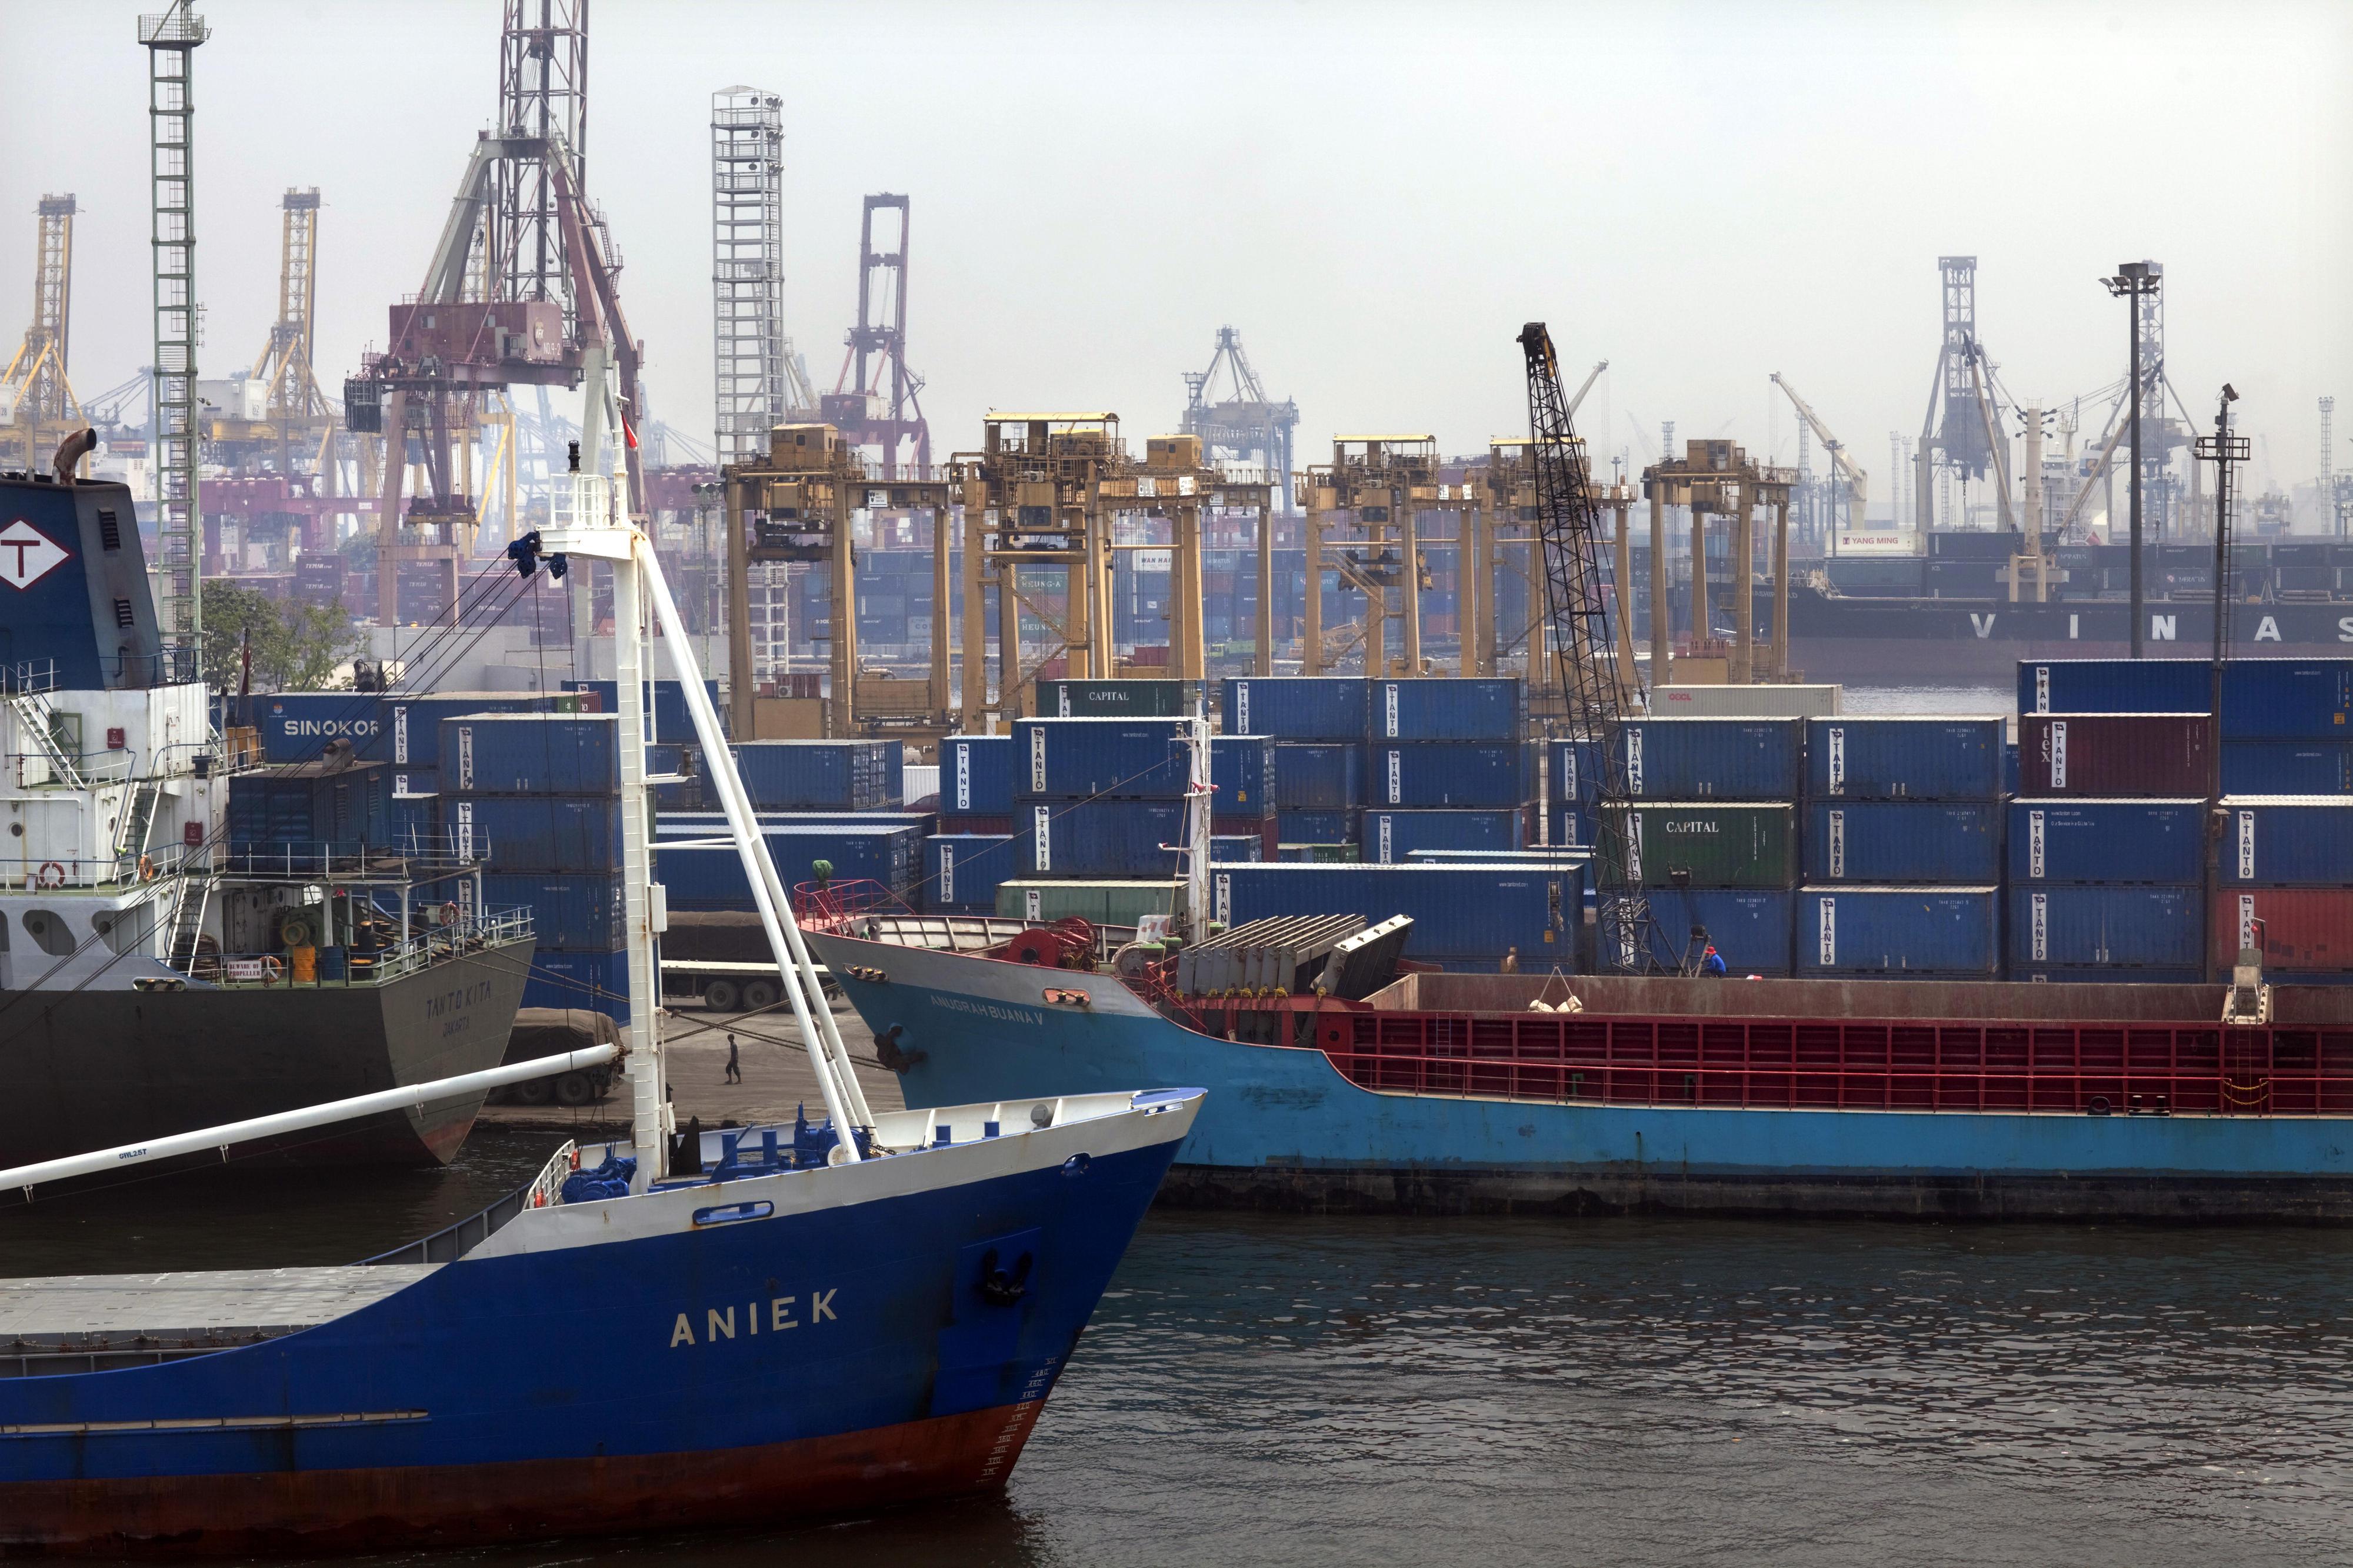 Hafen von Jakarta, Indonesien